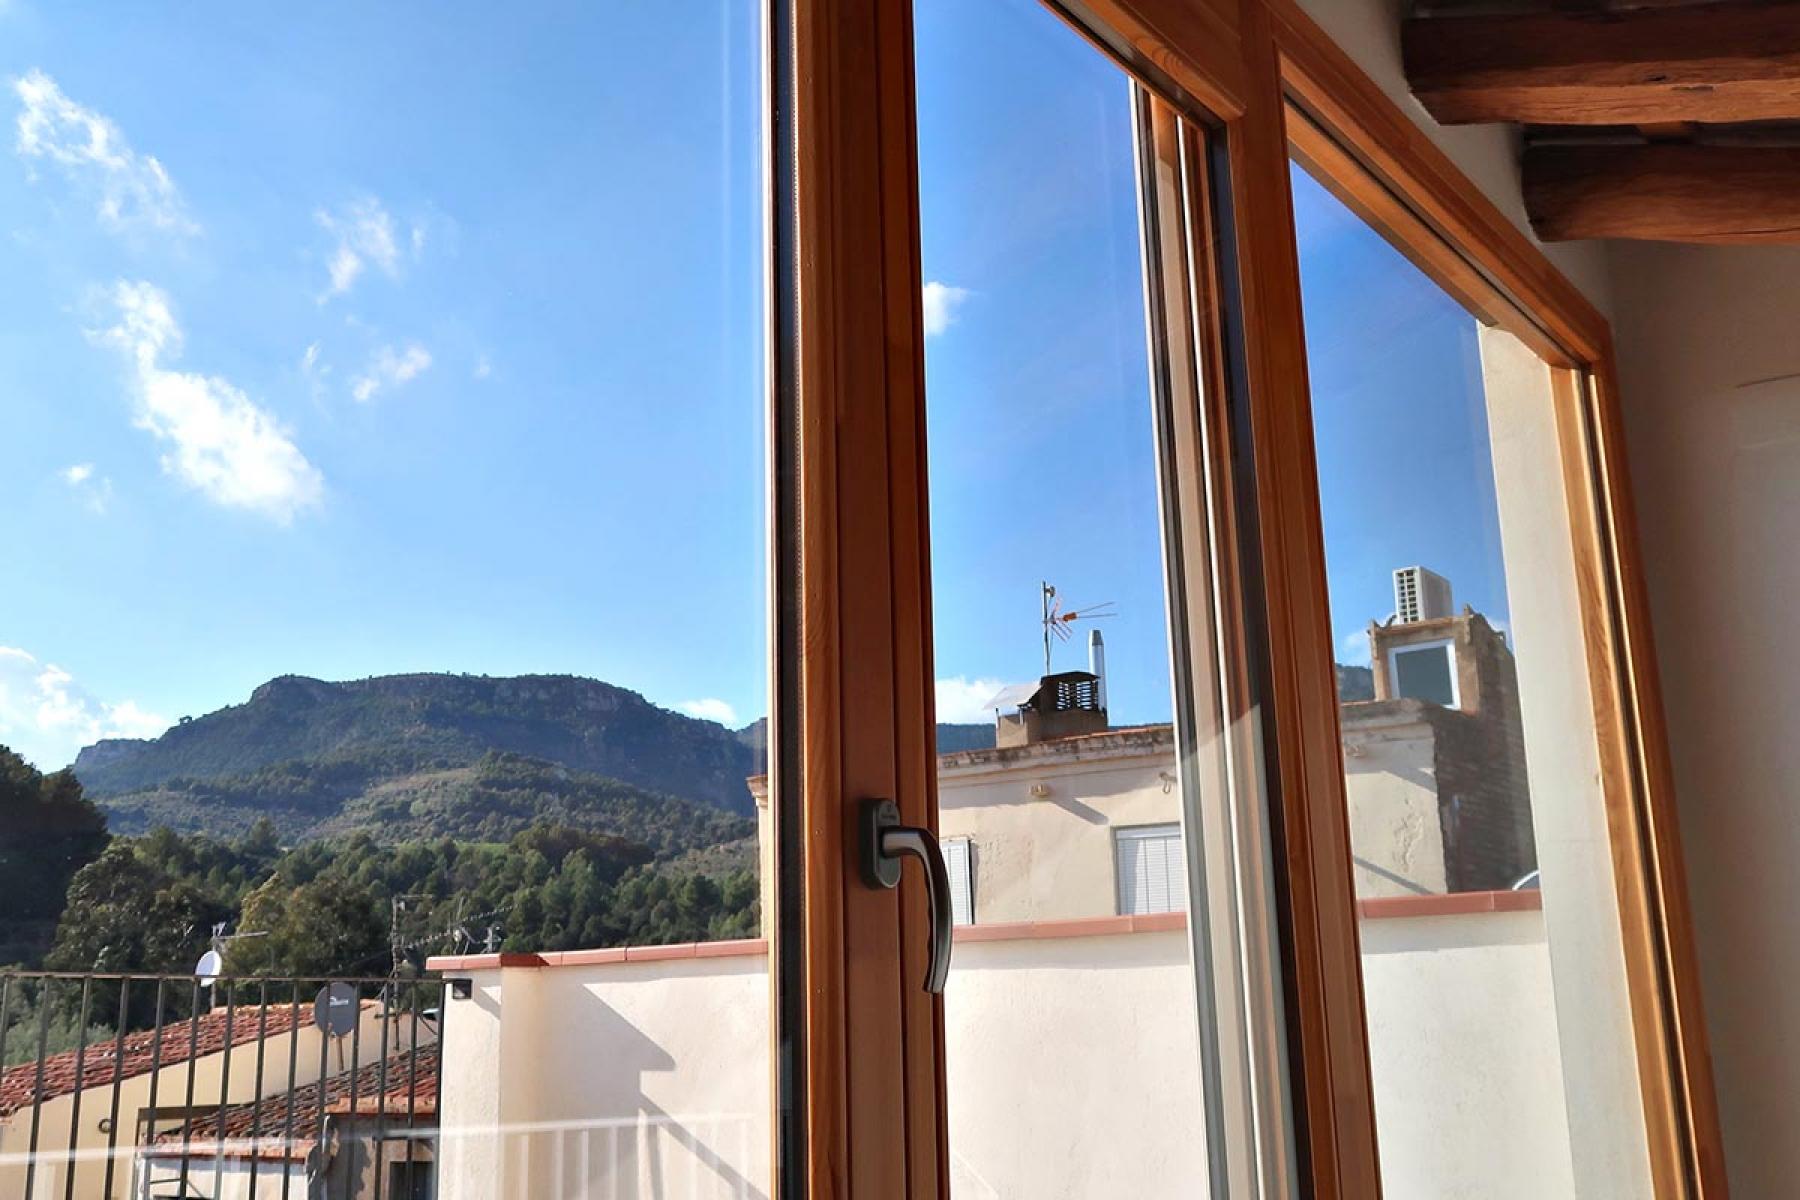 ventana de madera silva 68 terraza casa rural vilaplana carrete finestres